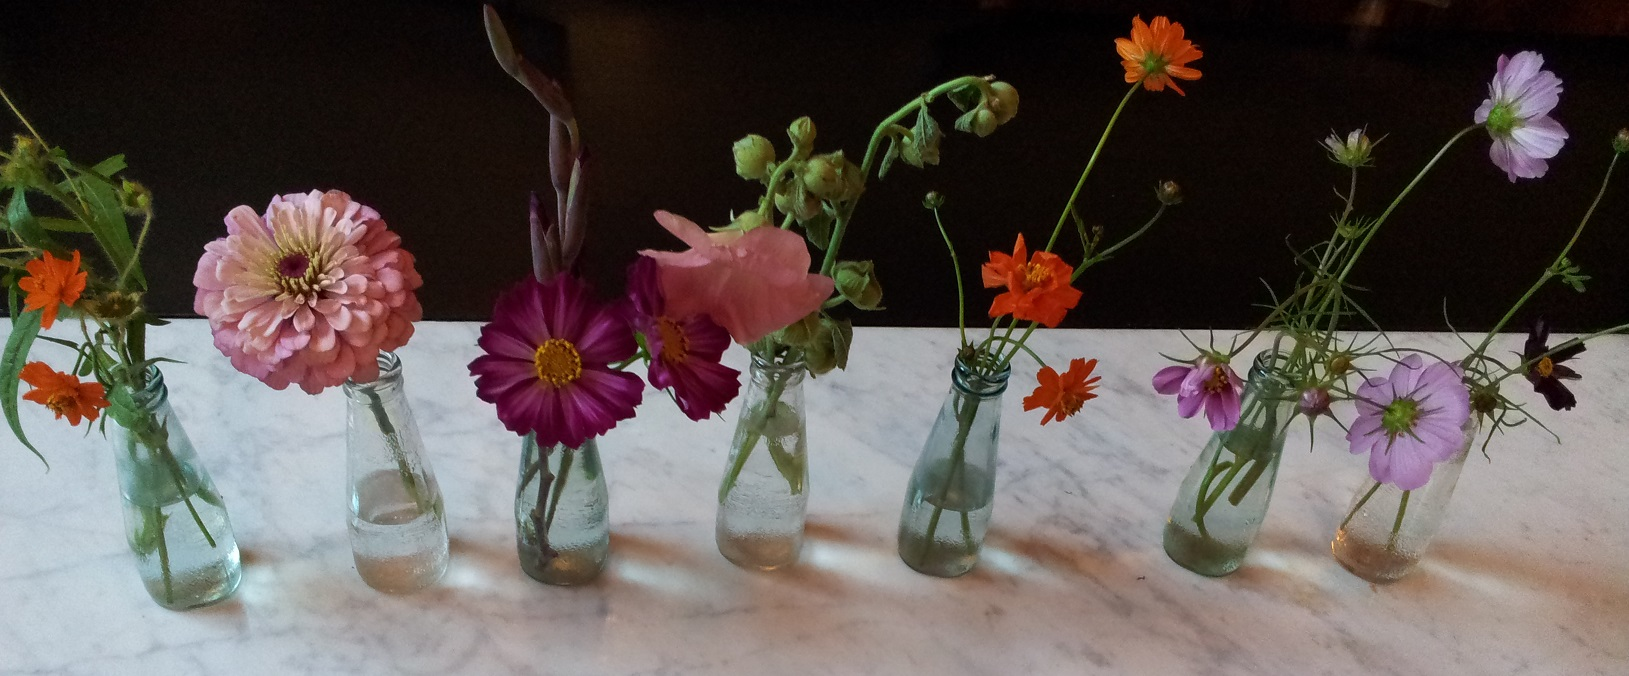 decoratie kleine bloemetjes in glazen flesjes 2